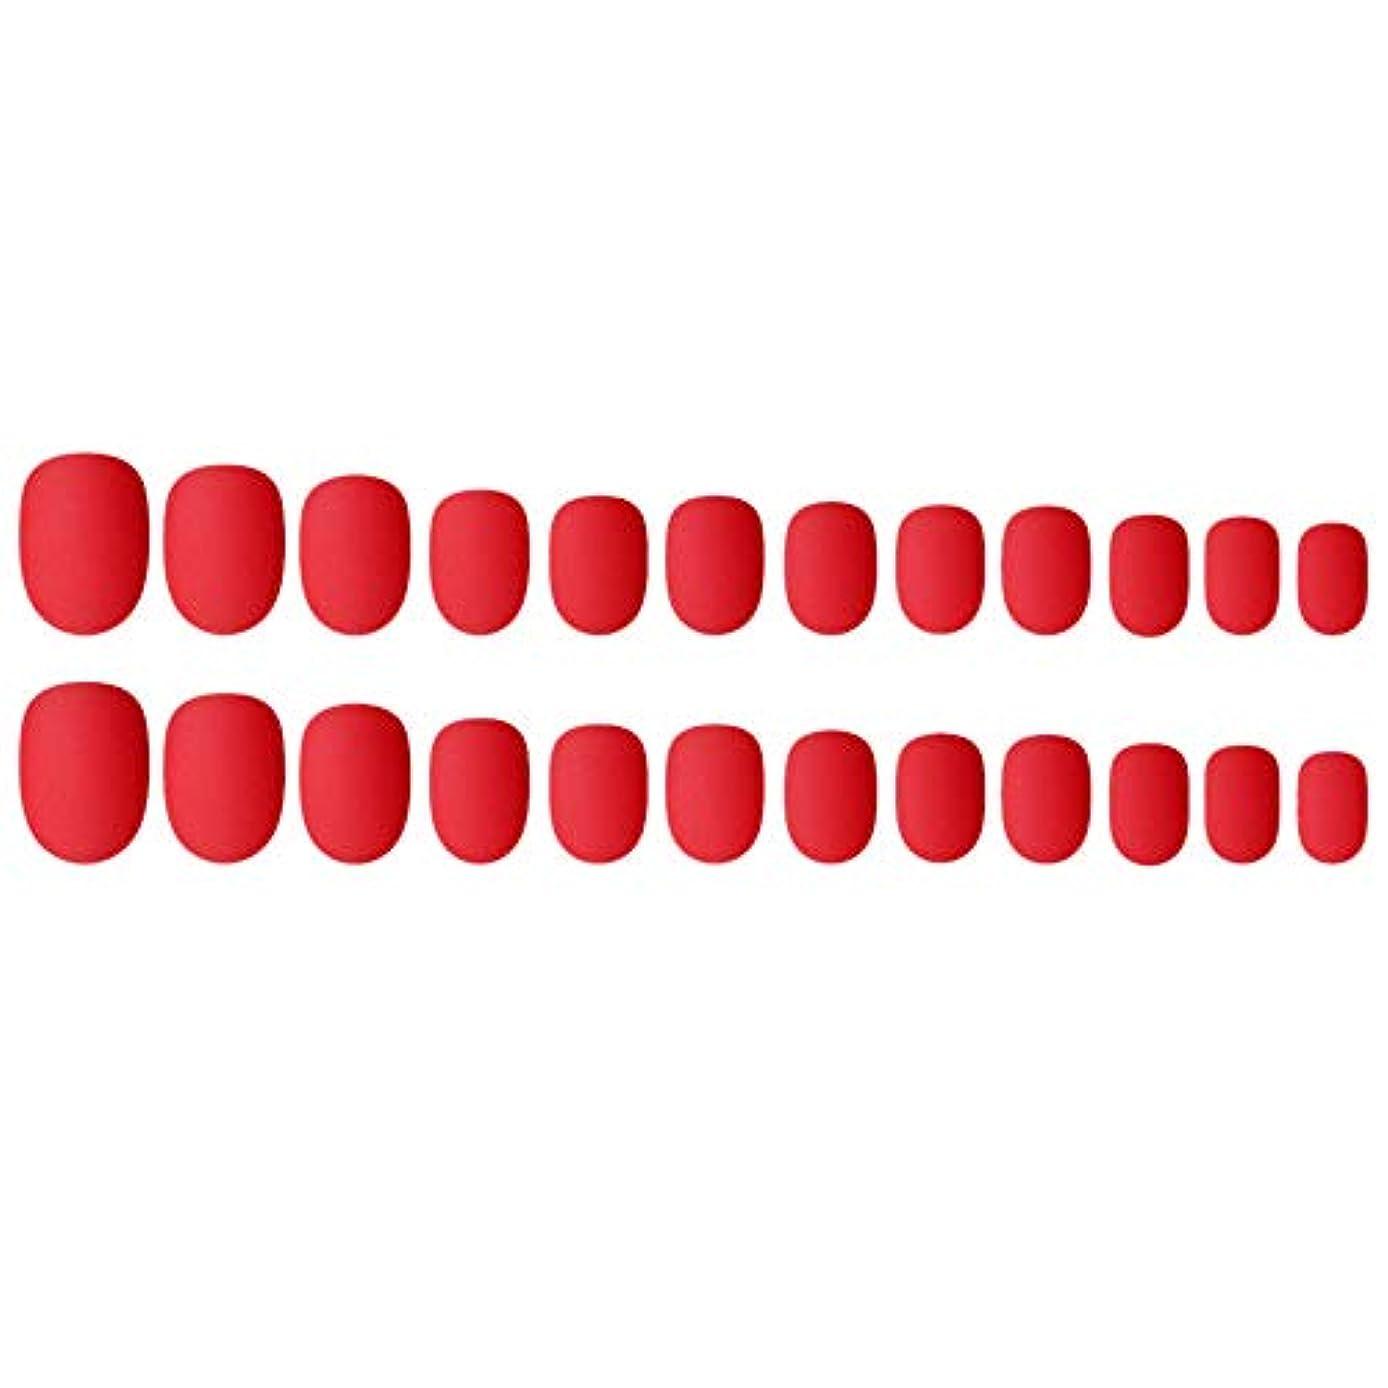 財政陰謀図Decdeal ネイルチップ 24ピース 偽ネイルのヒント 12種類のサイズ ネイルサロン diy ネイルアートツール